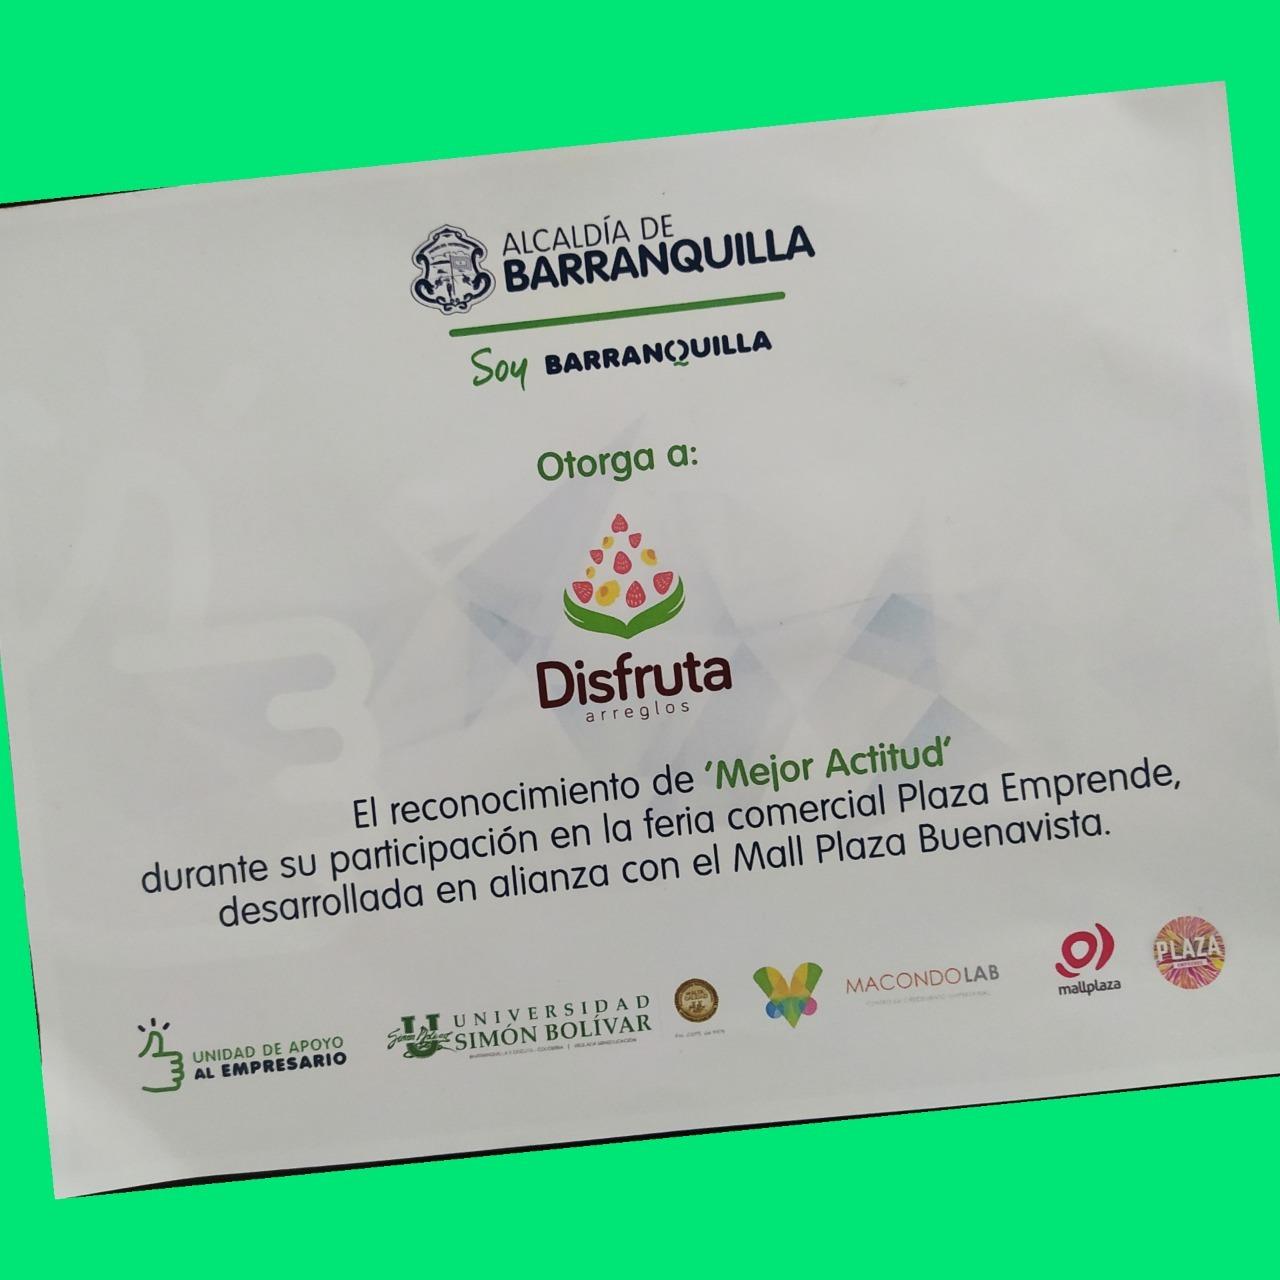 Reconocimiento de Alcaldía de Barranquilla